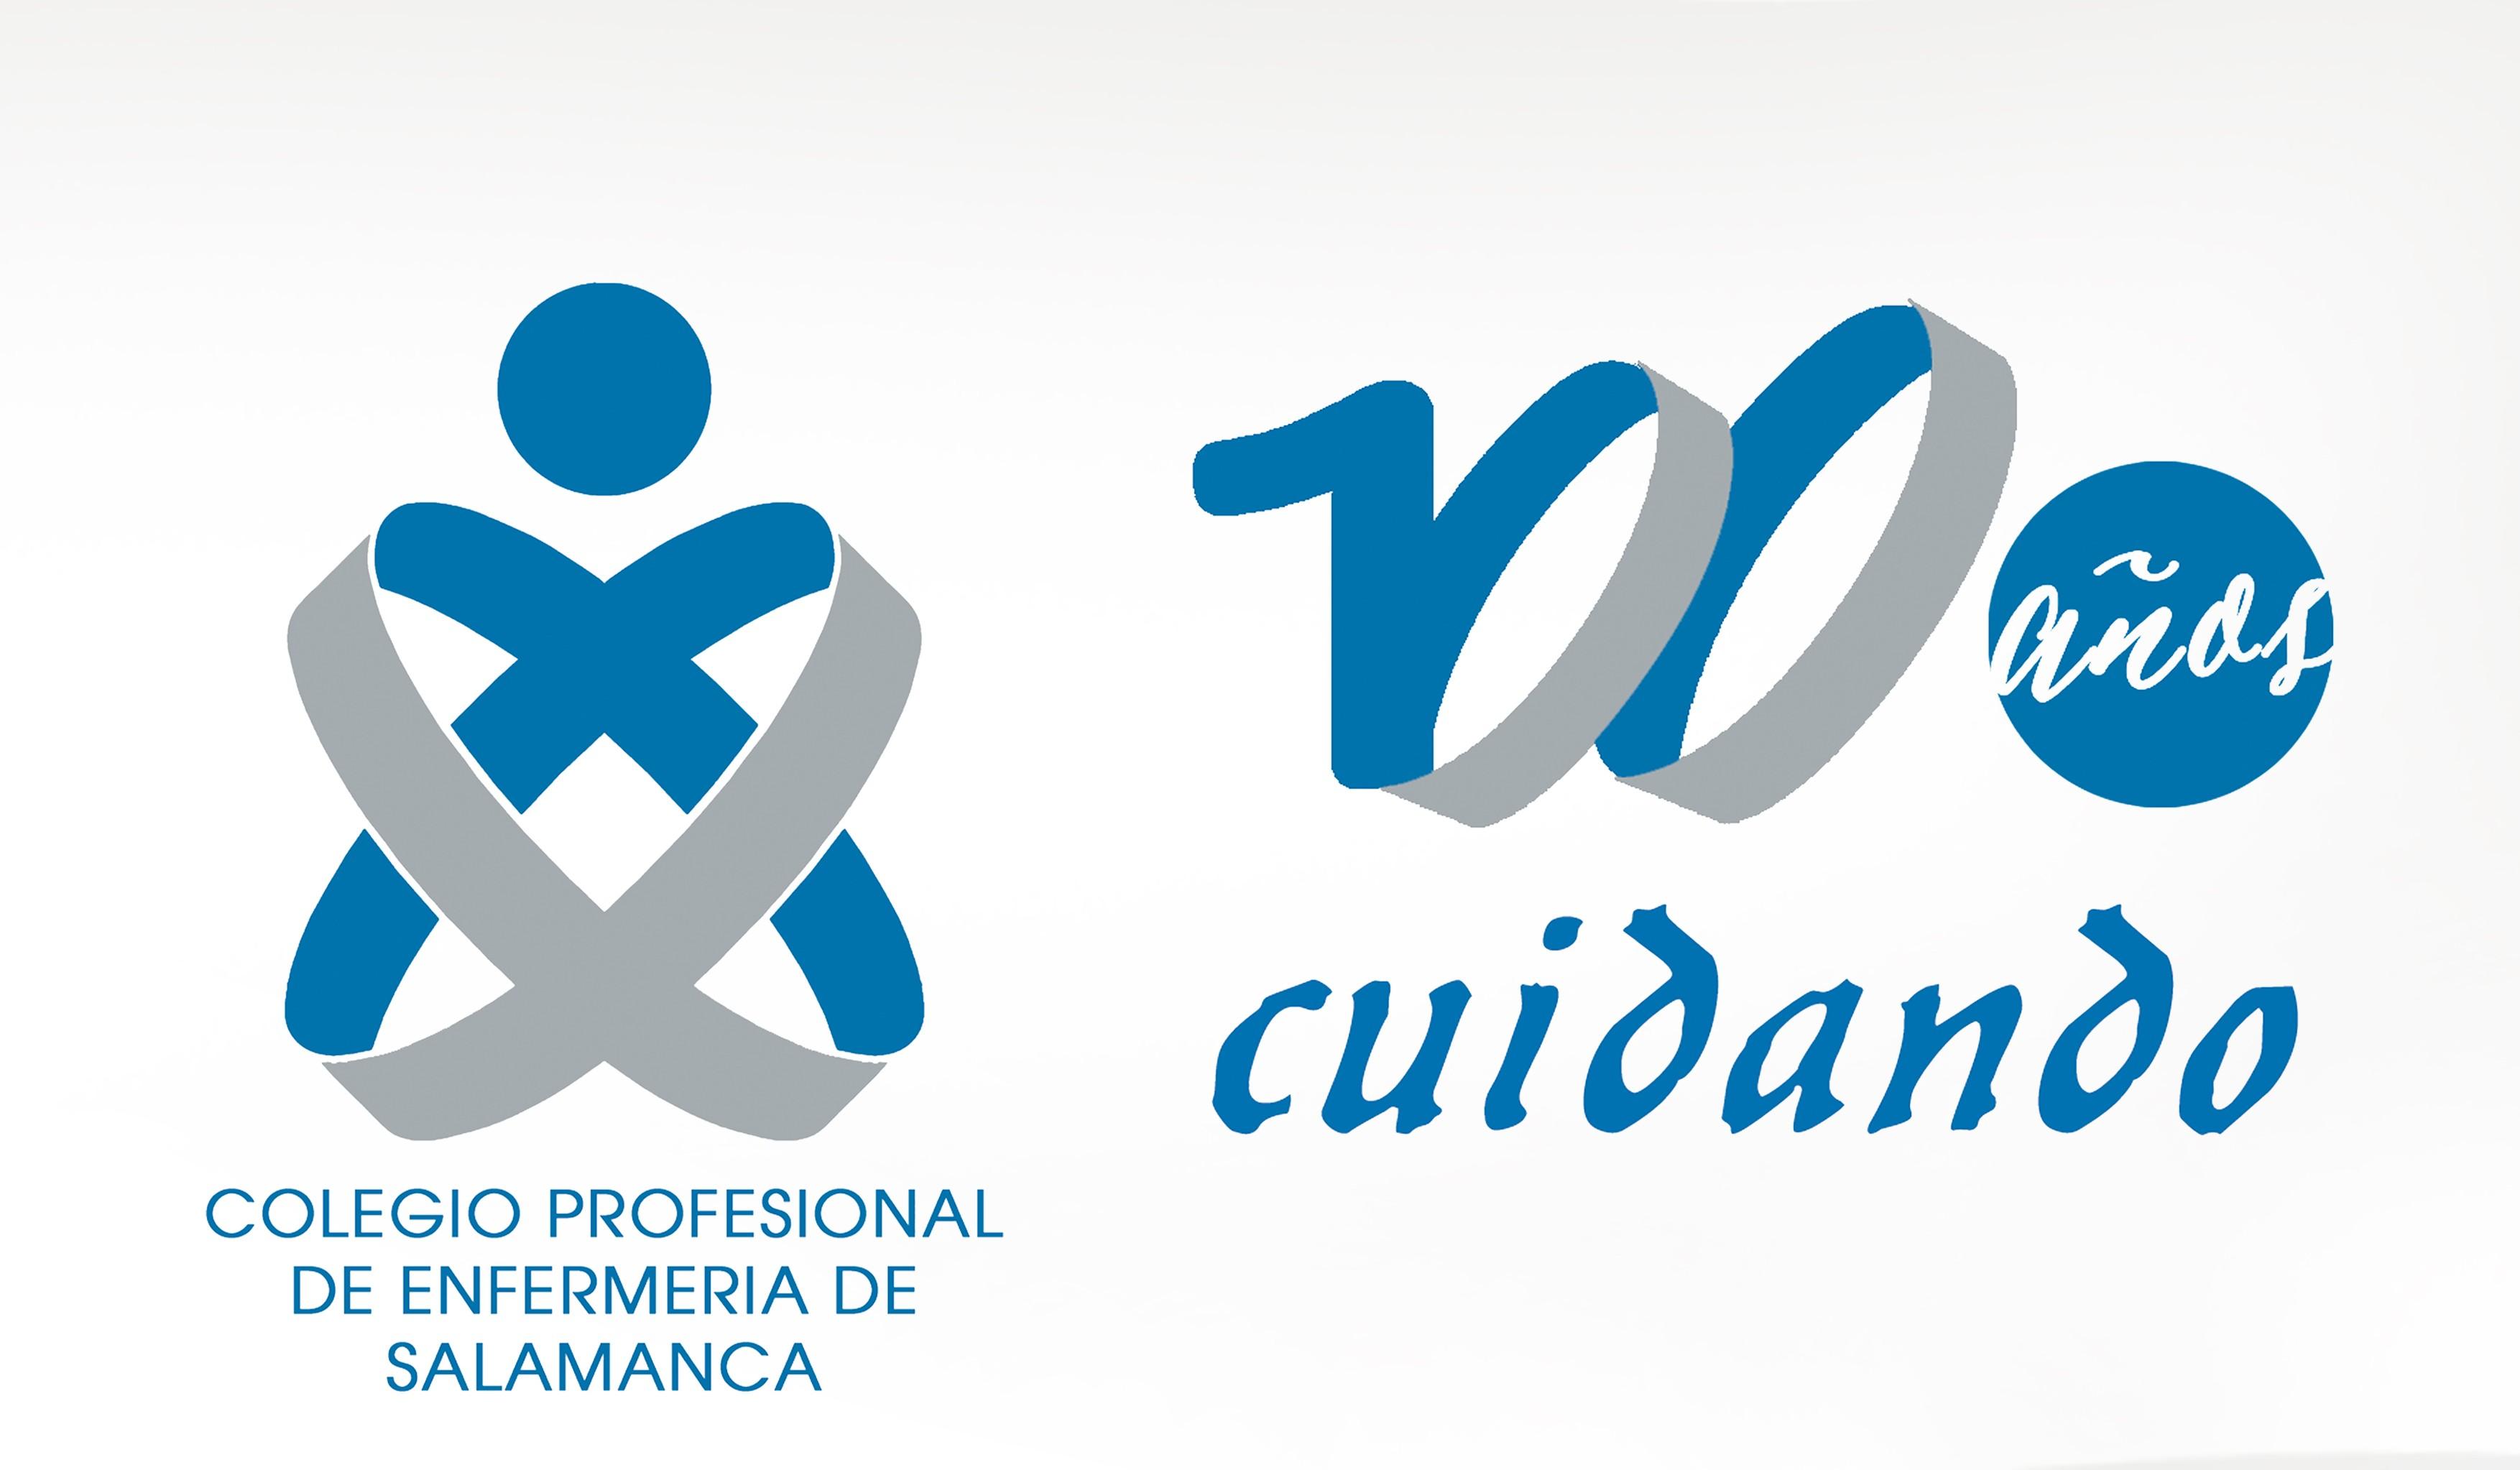 La enfermería salmantina celebra su centenario con multitud de actos